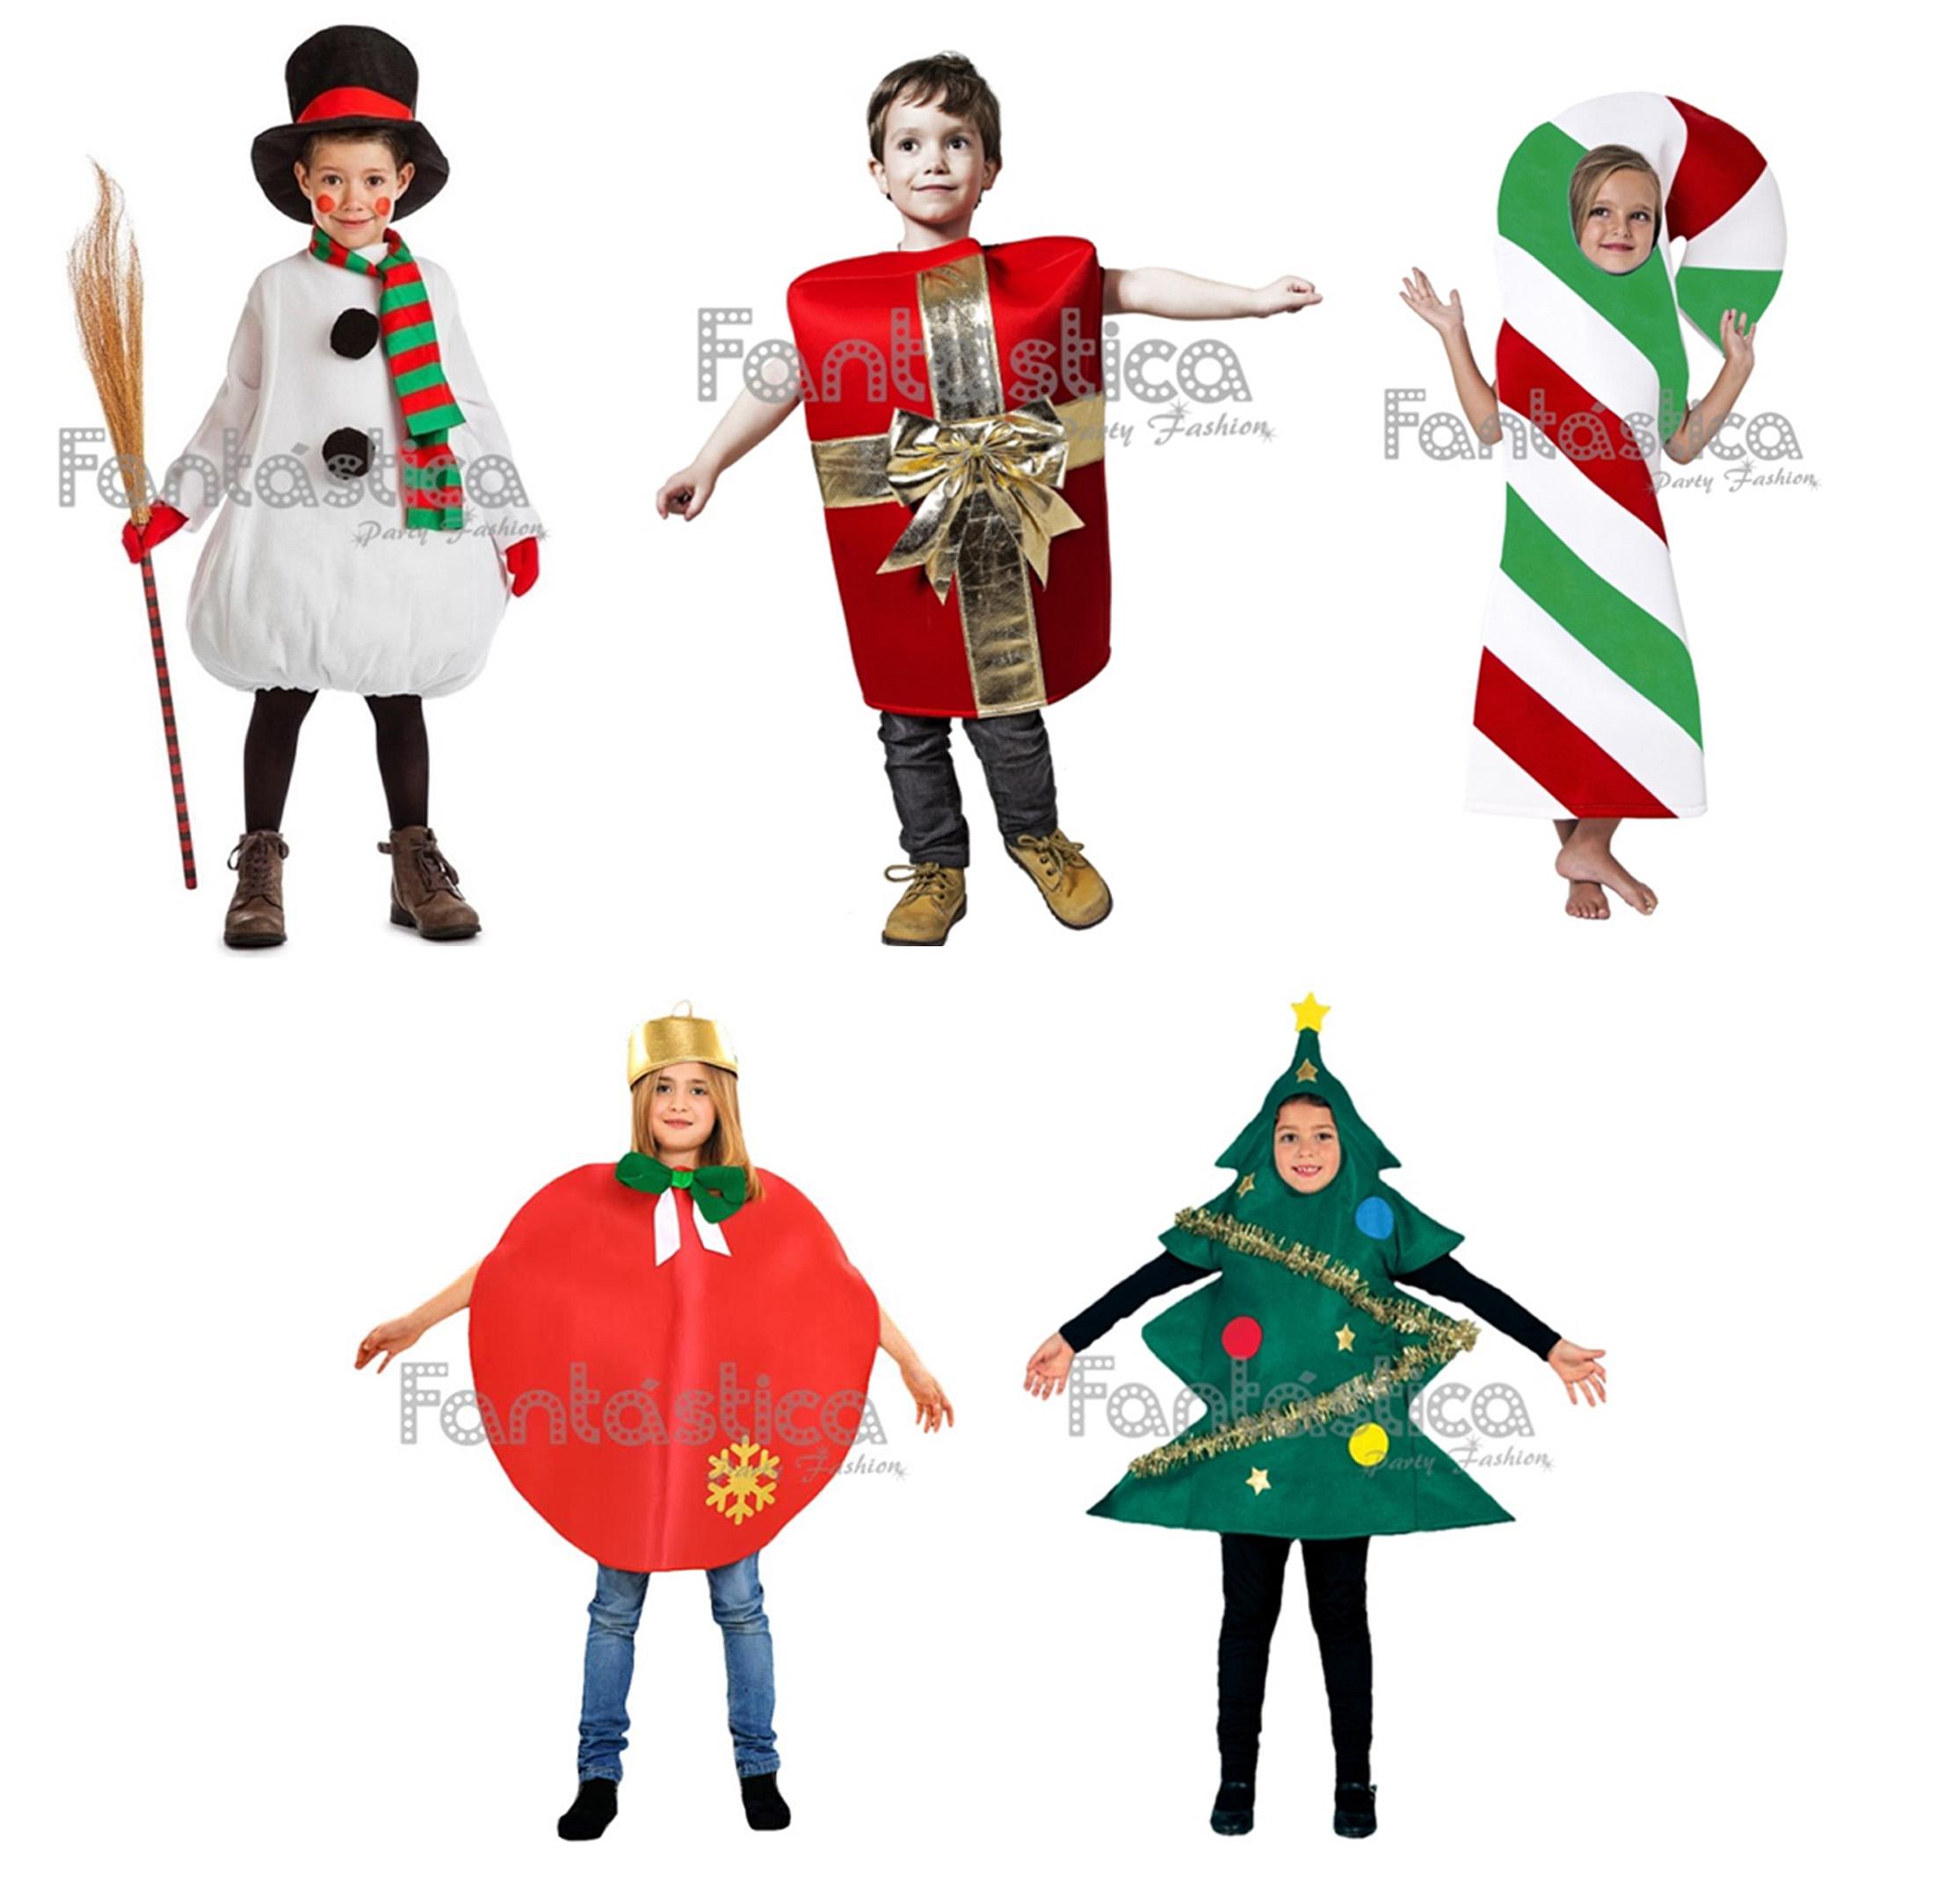 Disfraces de navidad para ni os - Disfraces para navidad ninos ...